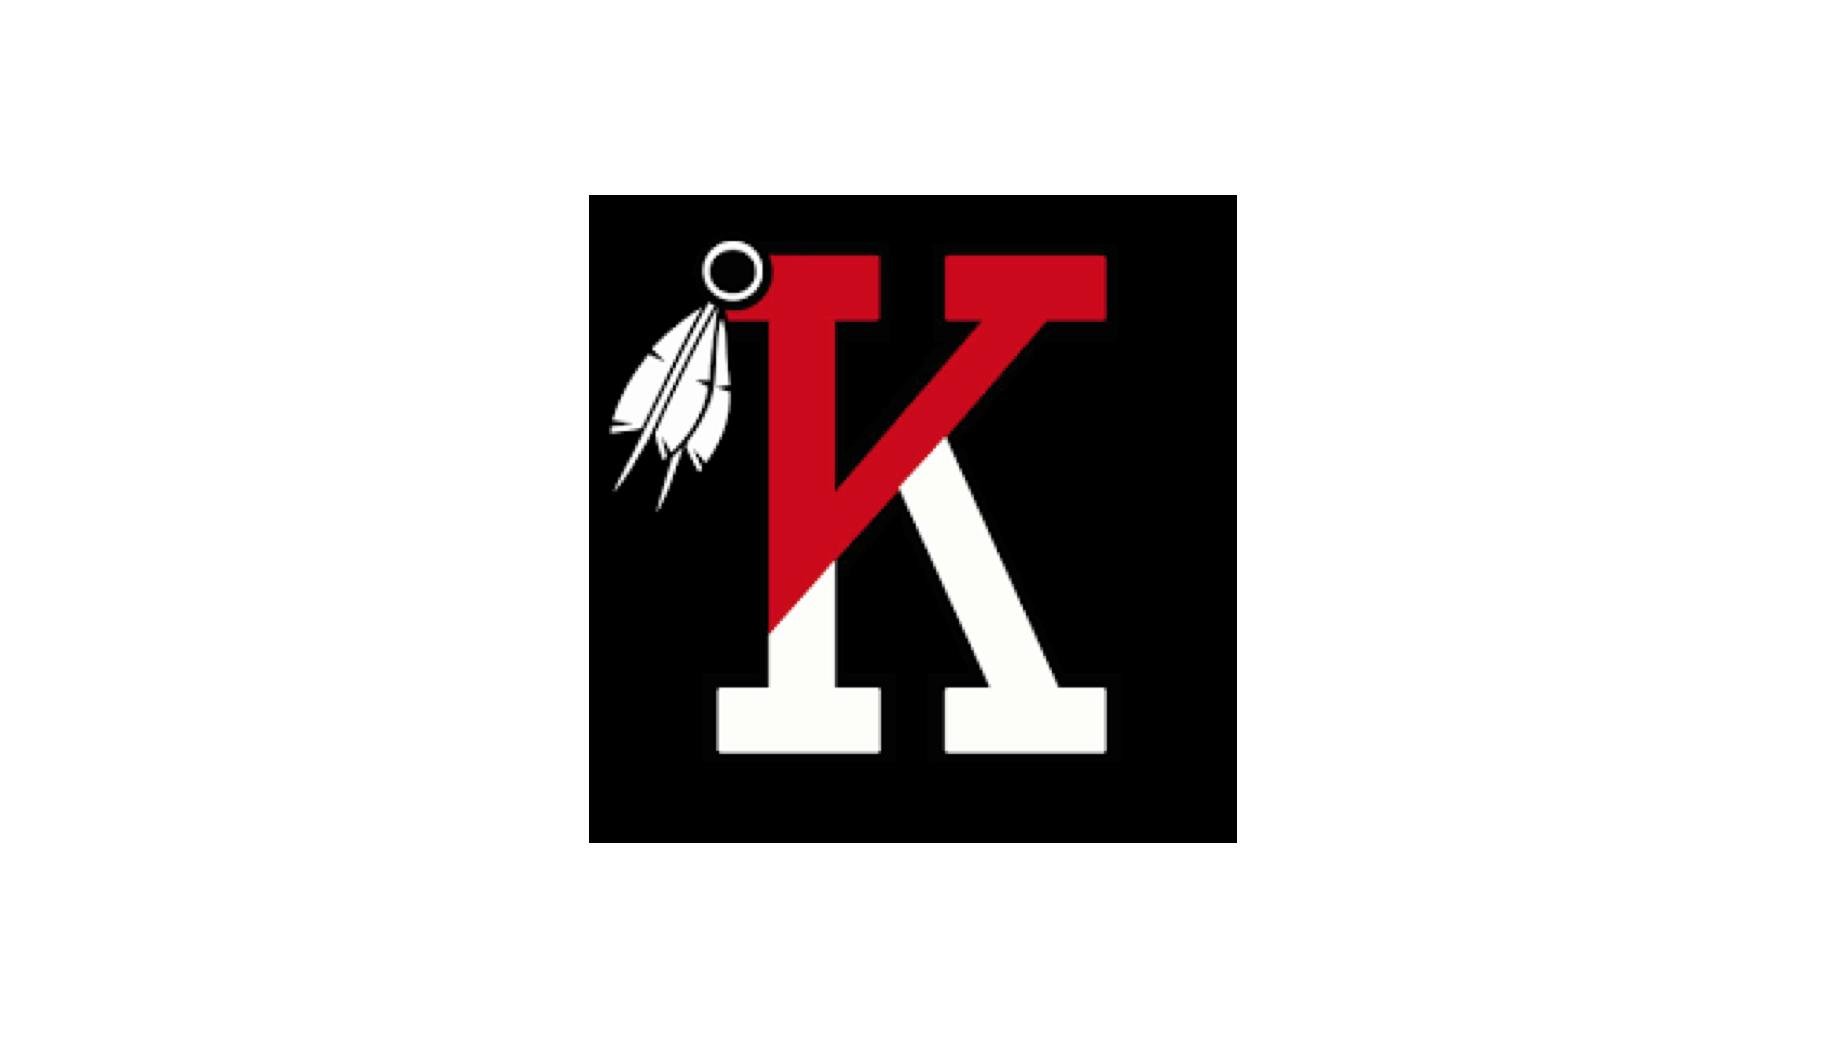 KKHT Schwarz-Weiss Köln